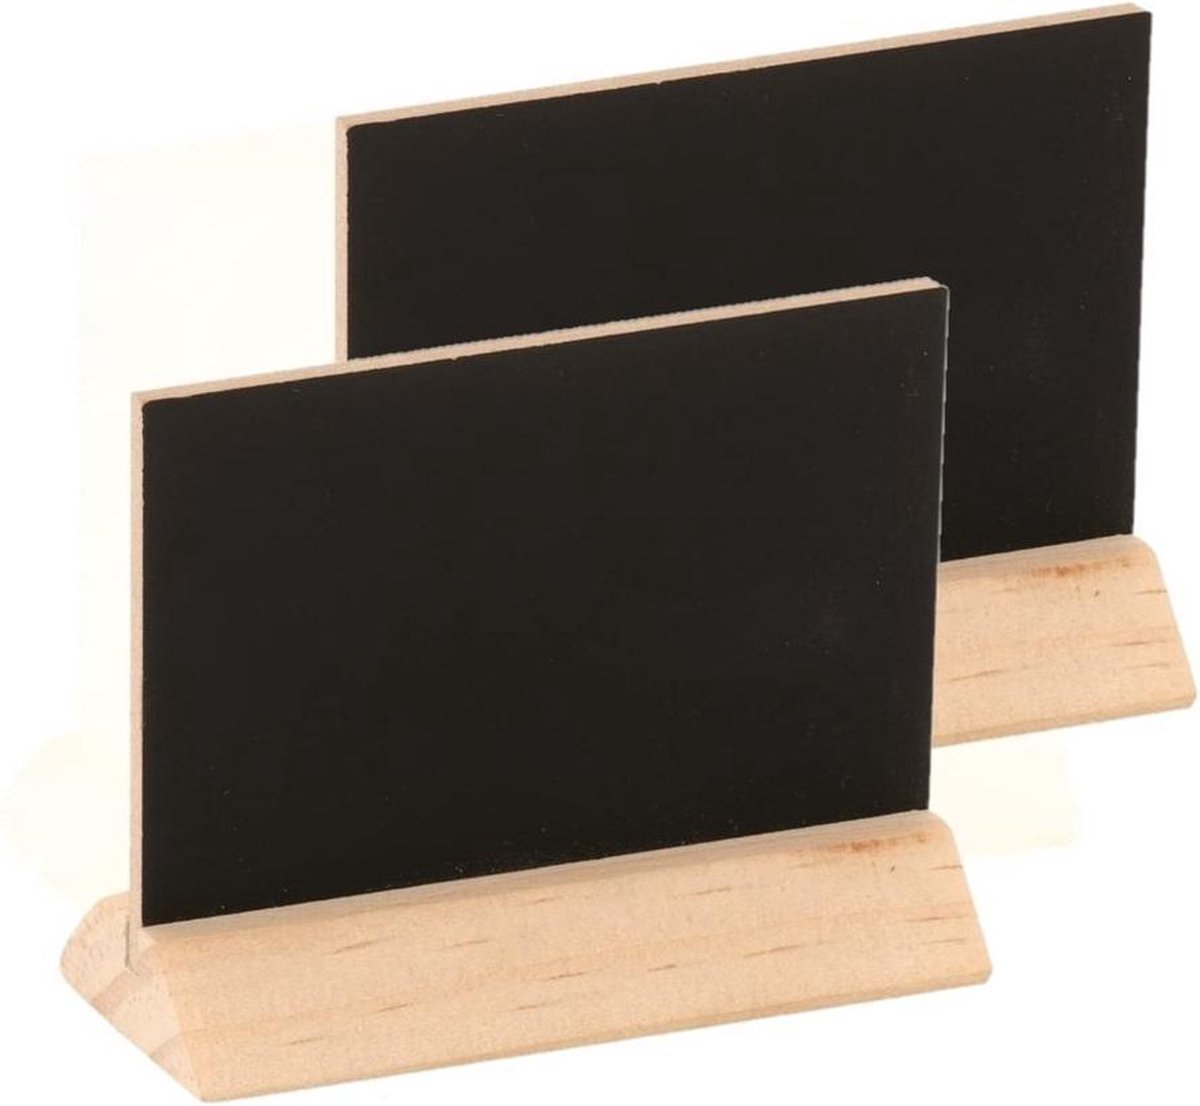 Merkloos / Sans marque Set van 4x stuks houten mini krijtbordje/schrijfbordje/memobordje op voet 6 cm Hobby/knutselbenodigdheden tekenbord Home deco Naamkaartjes online kopen